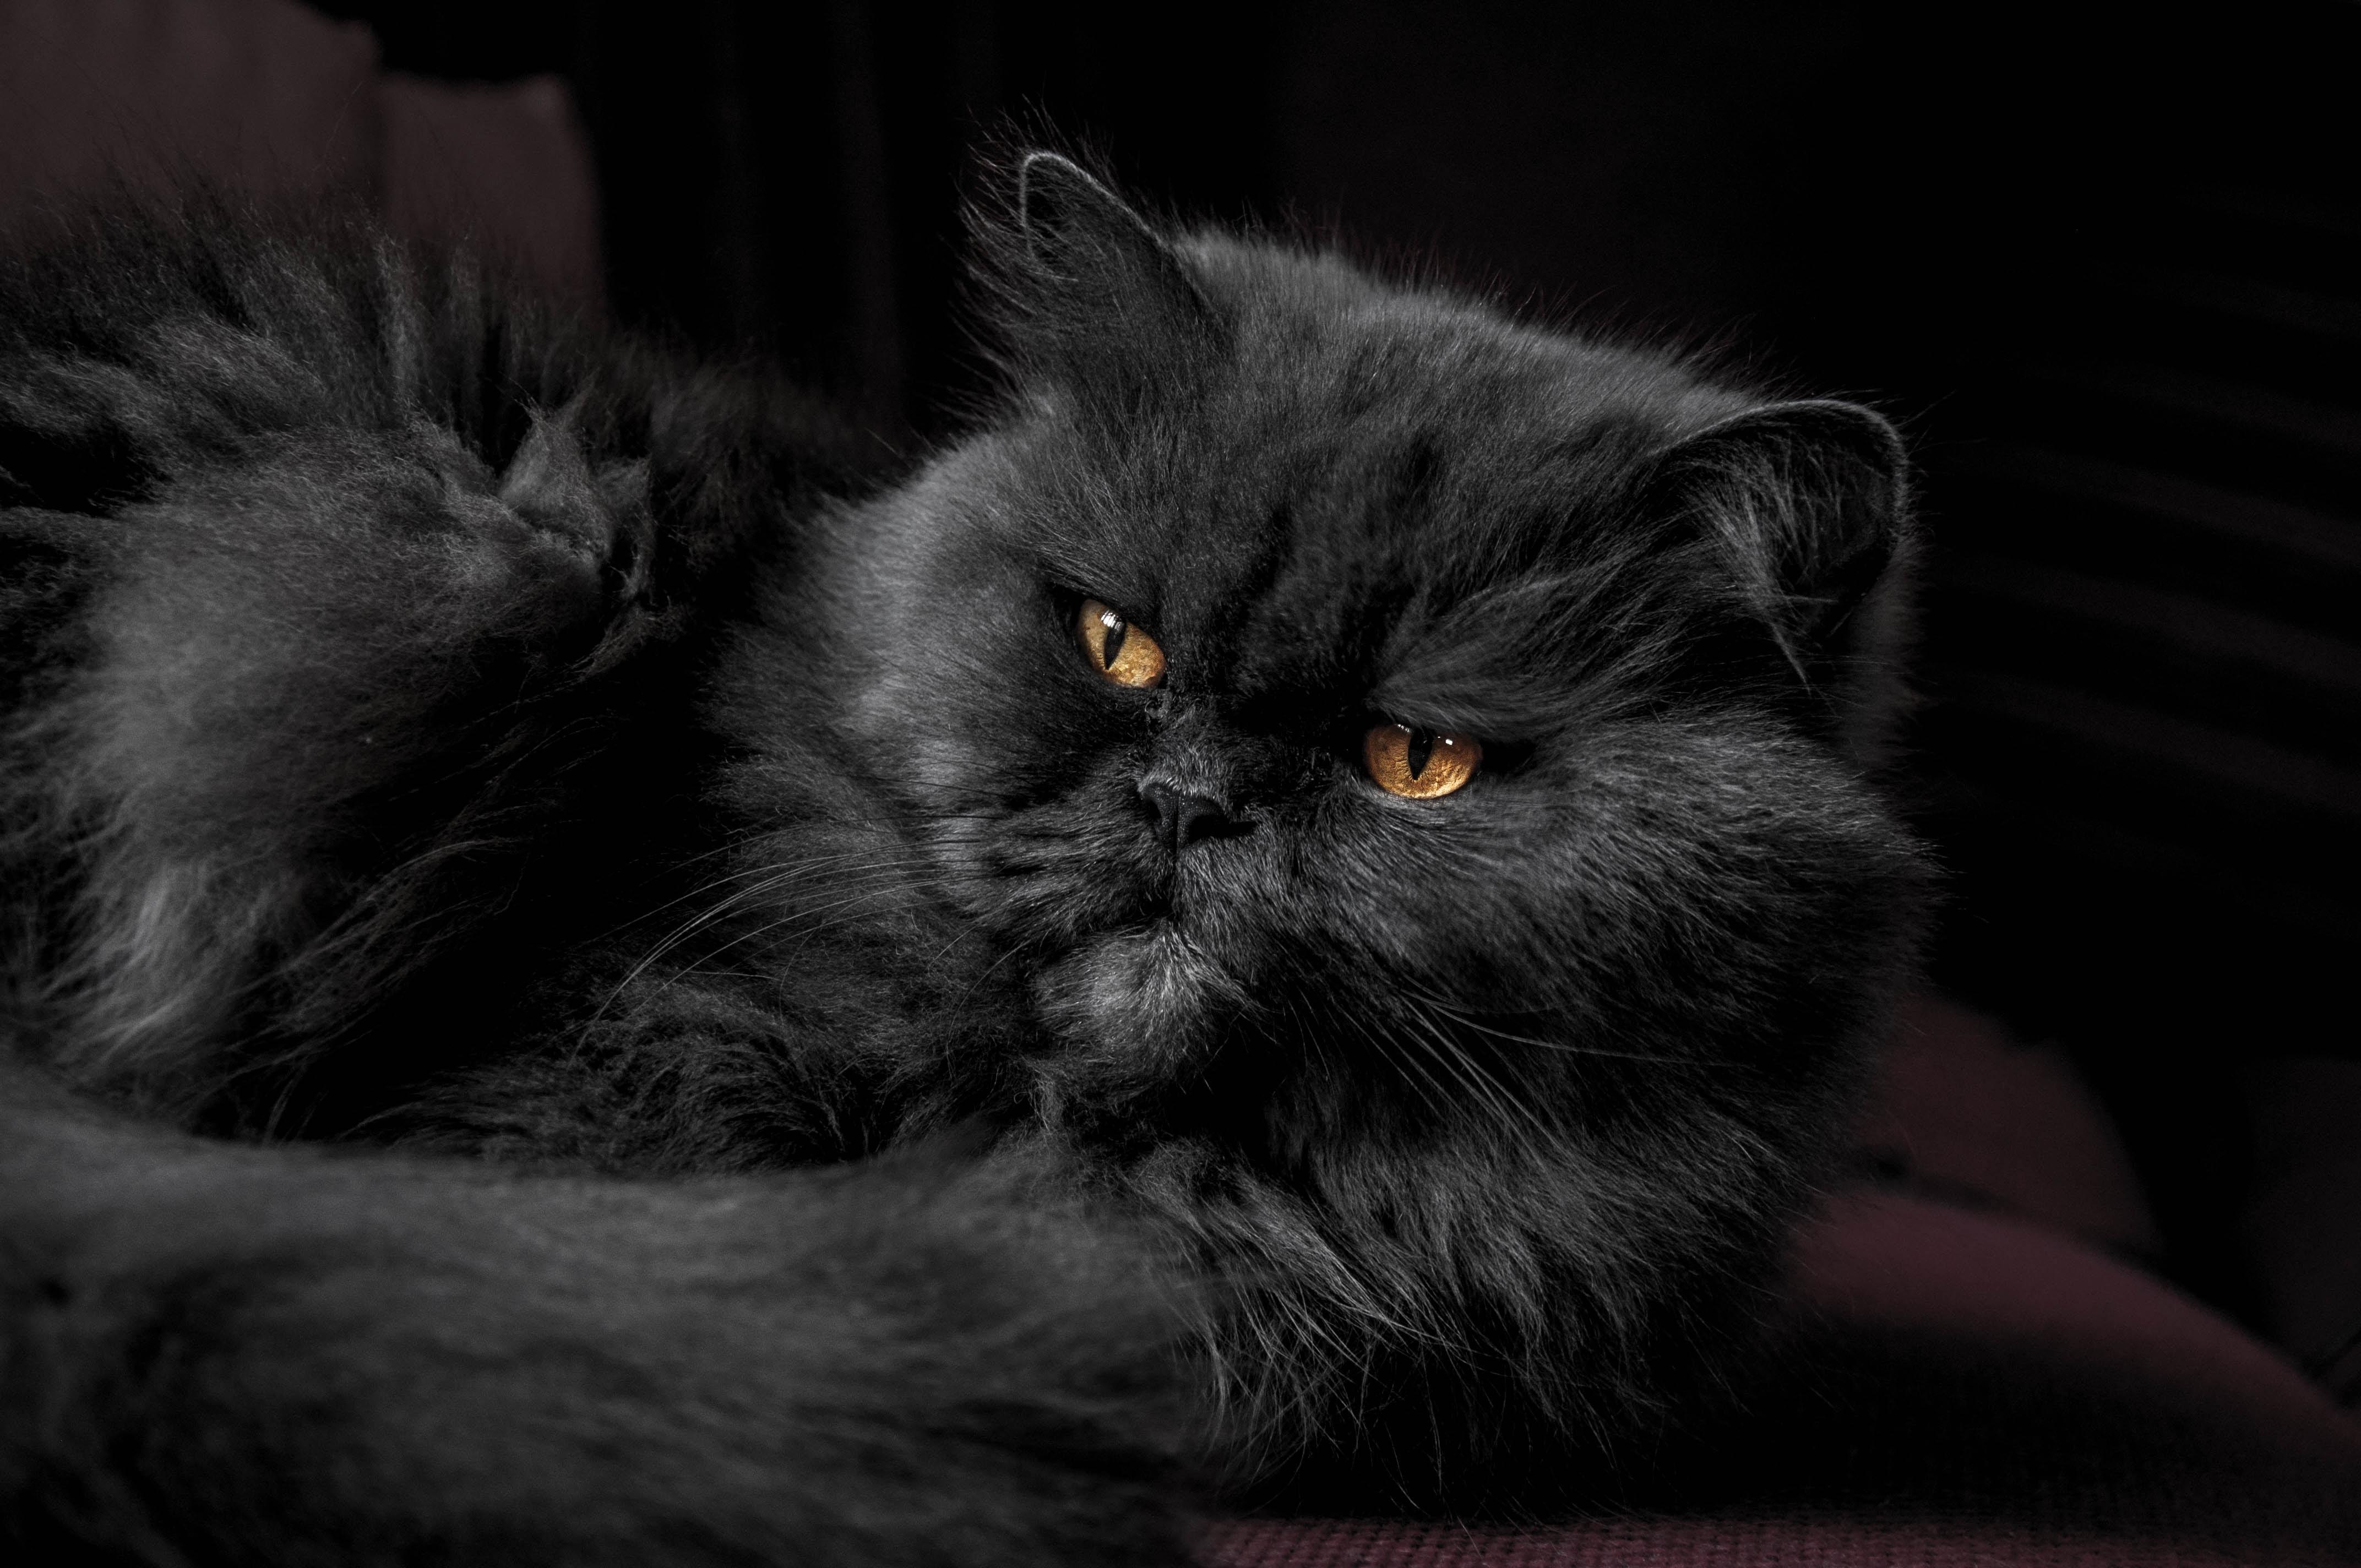 Close-up of a black Persian cat